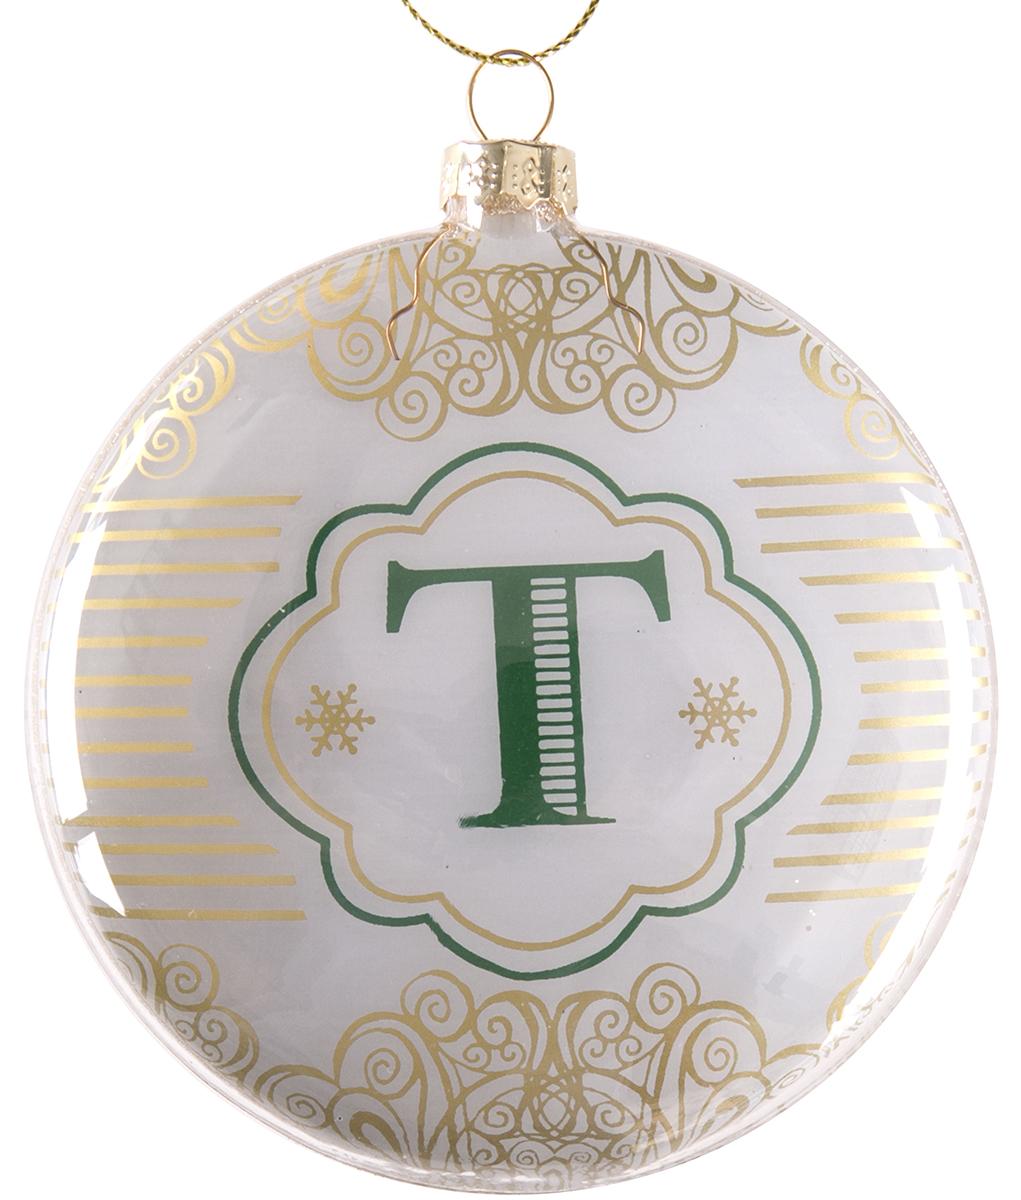 Украшение новогоднее подвесное Magic Time Буква Т, стеклянное75838Новогоднее подвесное украшение, выполненное из стекла, в виде буквы Т.